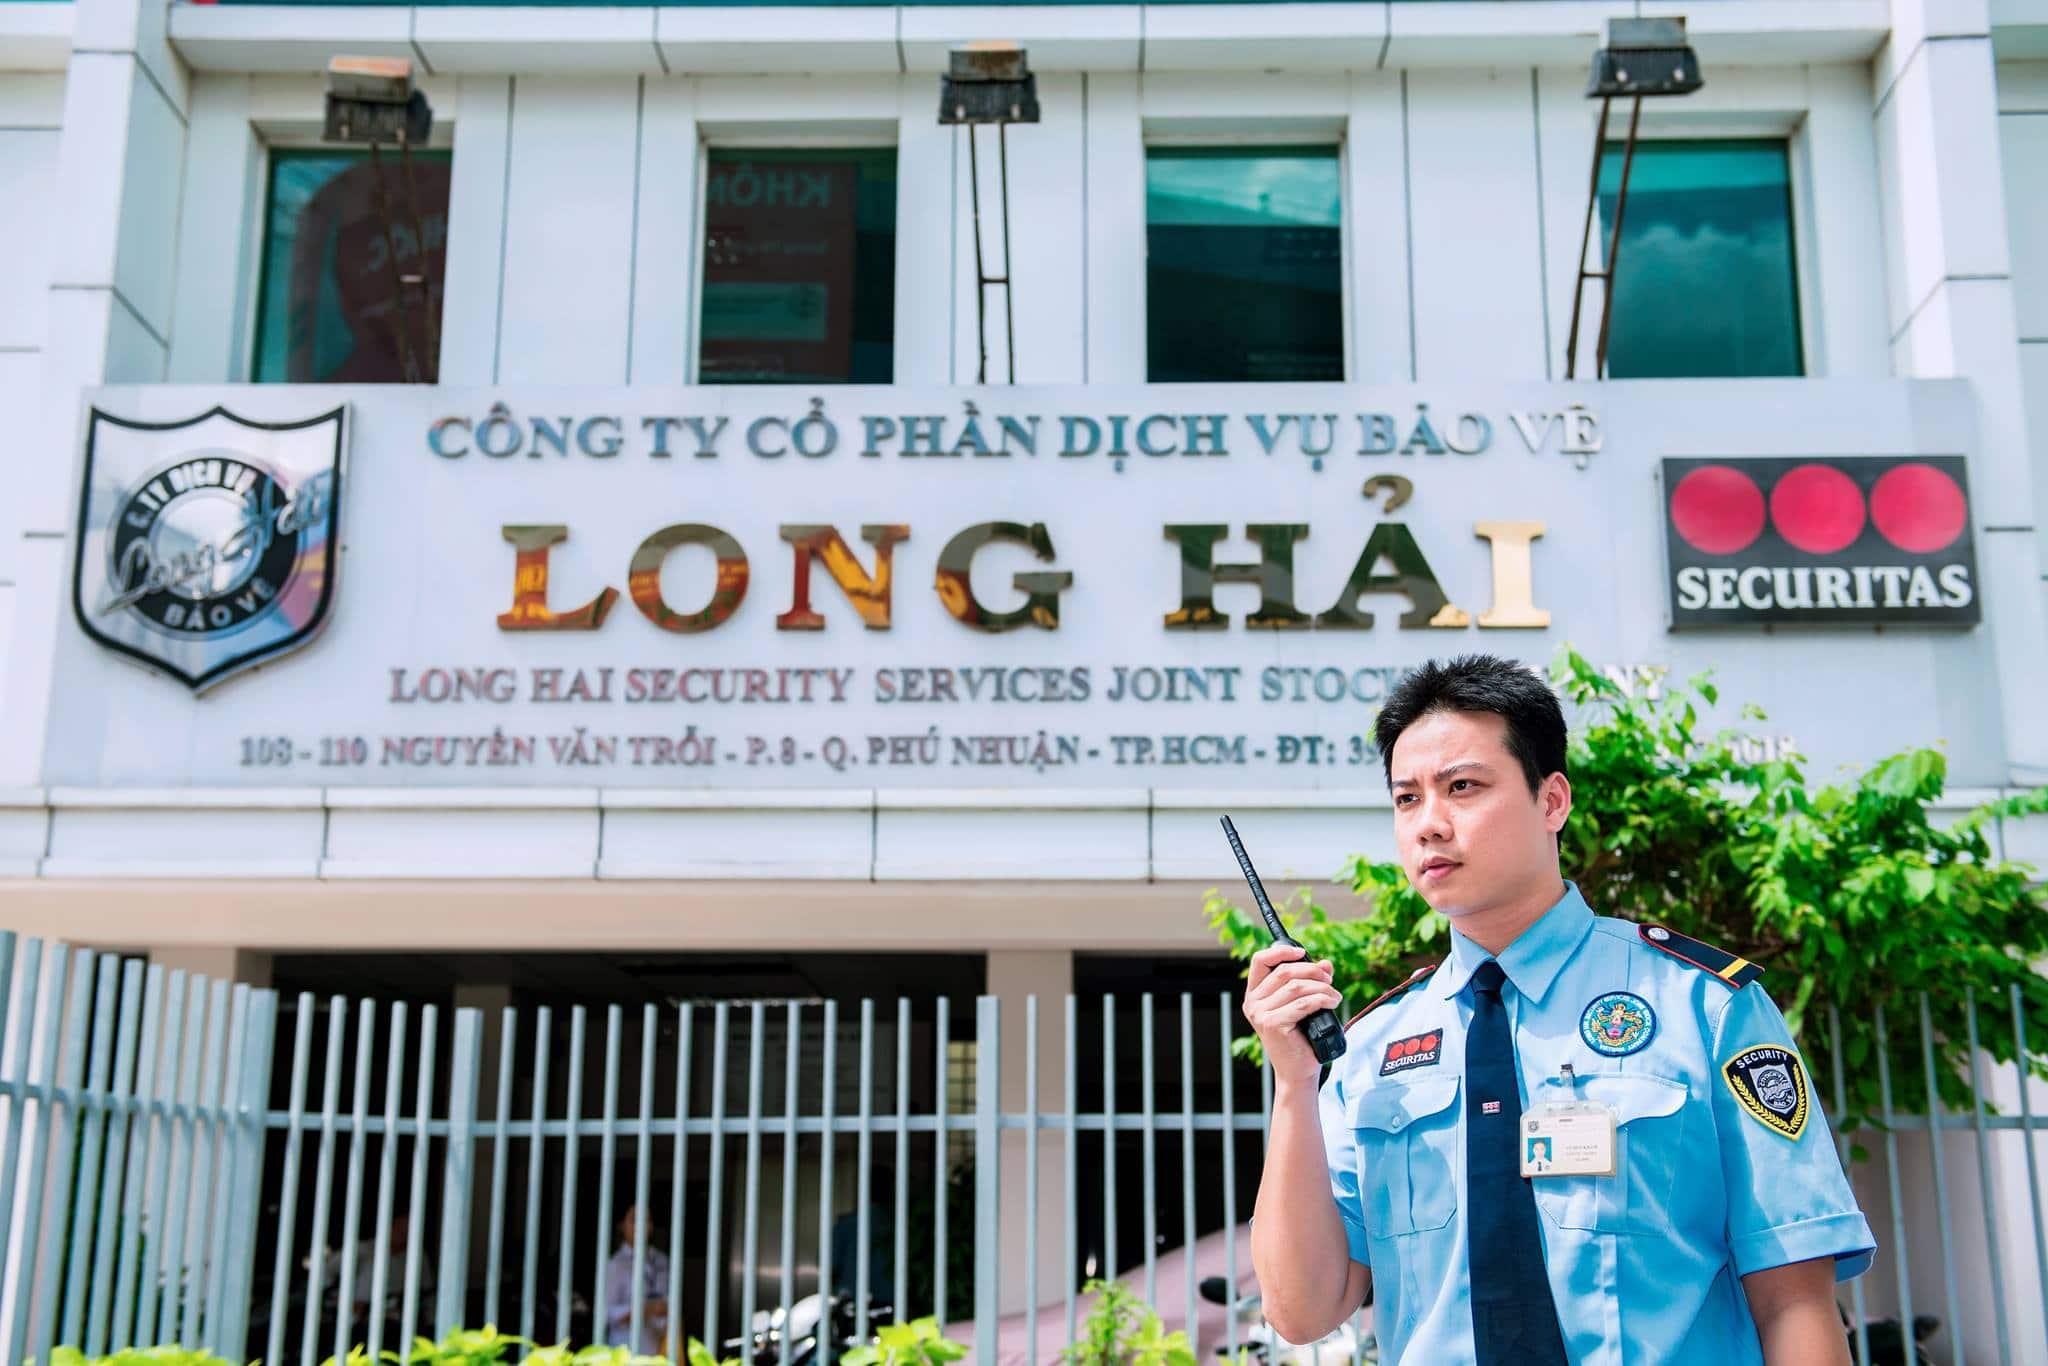 Công ty bảo vệ Quận 3 - Dịch vụ Long Hải